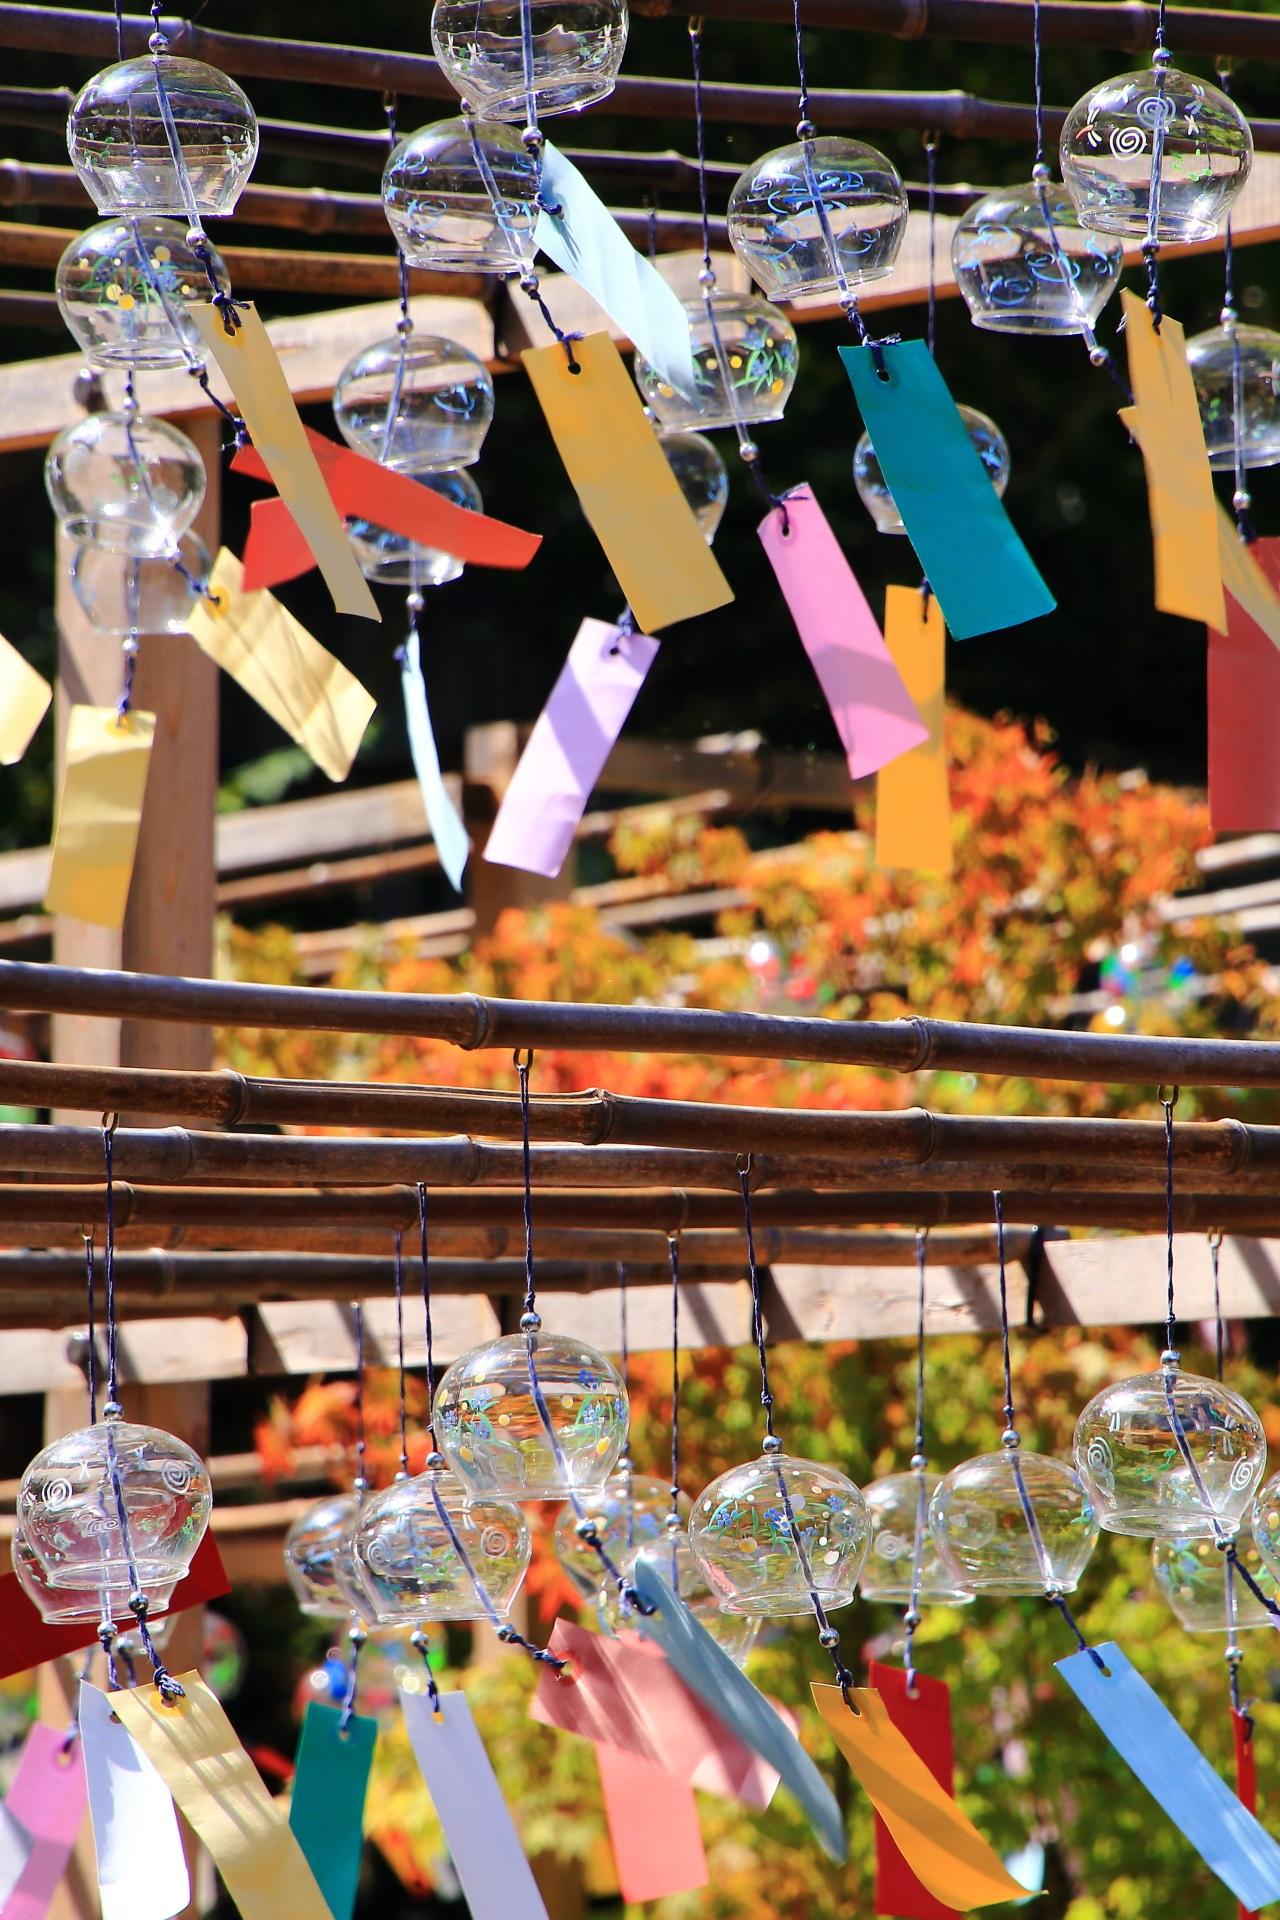 鮮やかな青もみじを背景に輝く正寿院の賑やかな風鈴